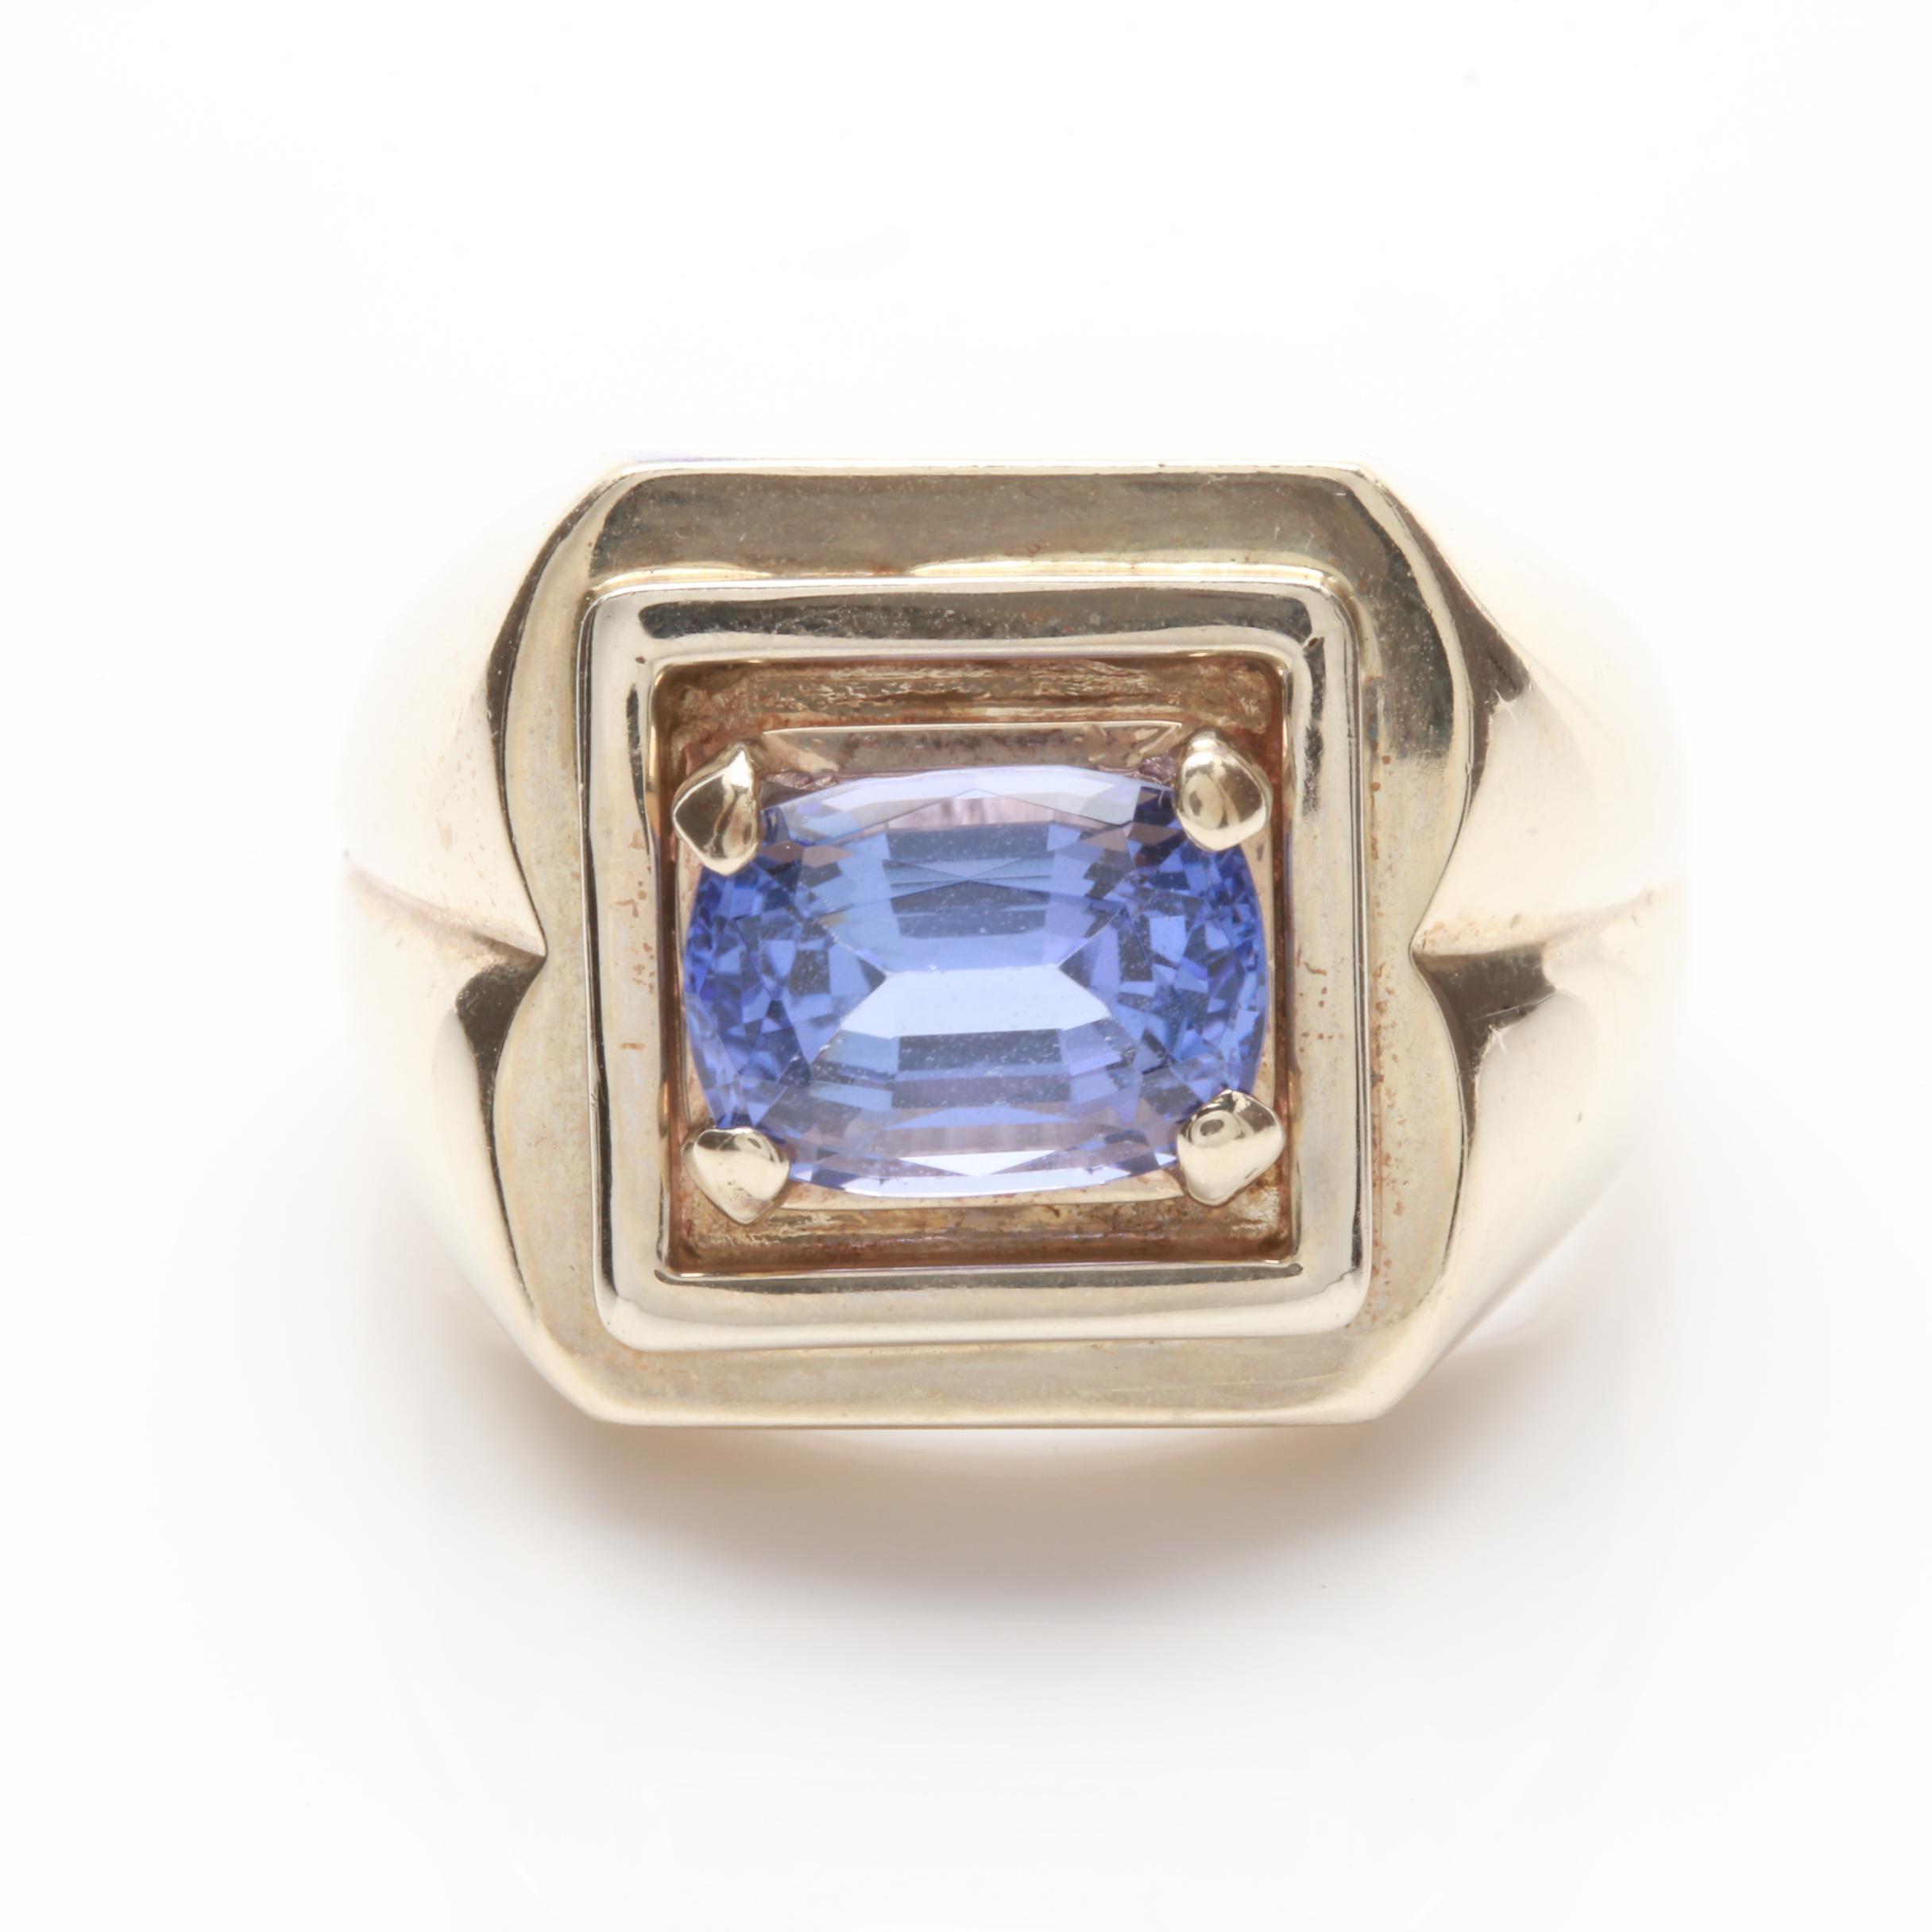 14K Yellow Gold 3.64 CT Tanzanite Ring